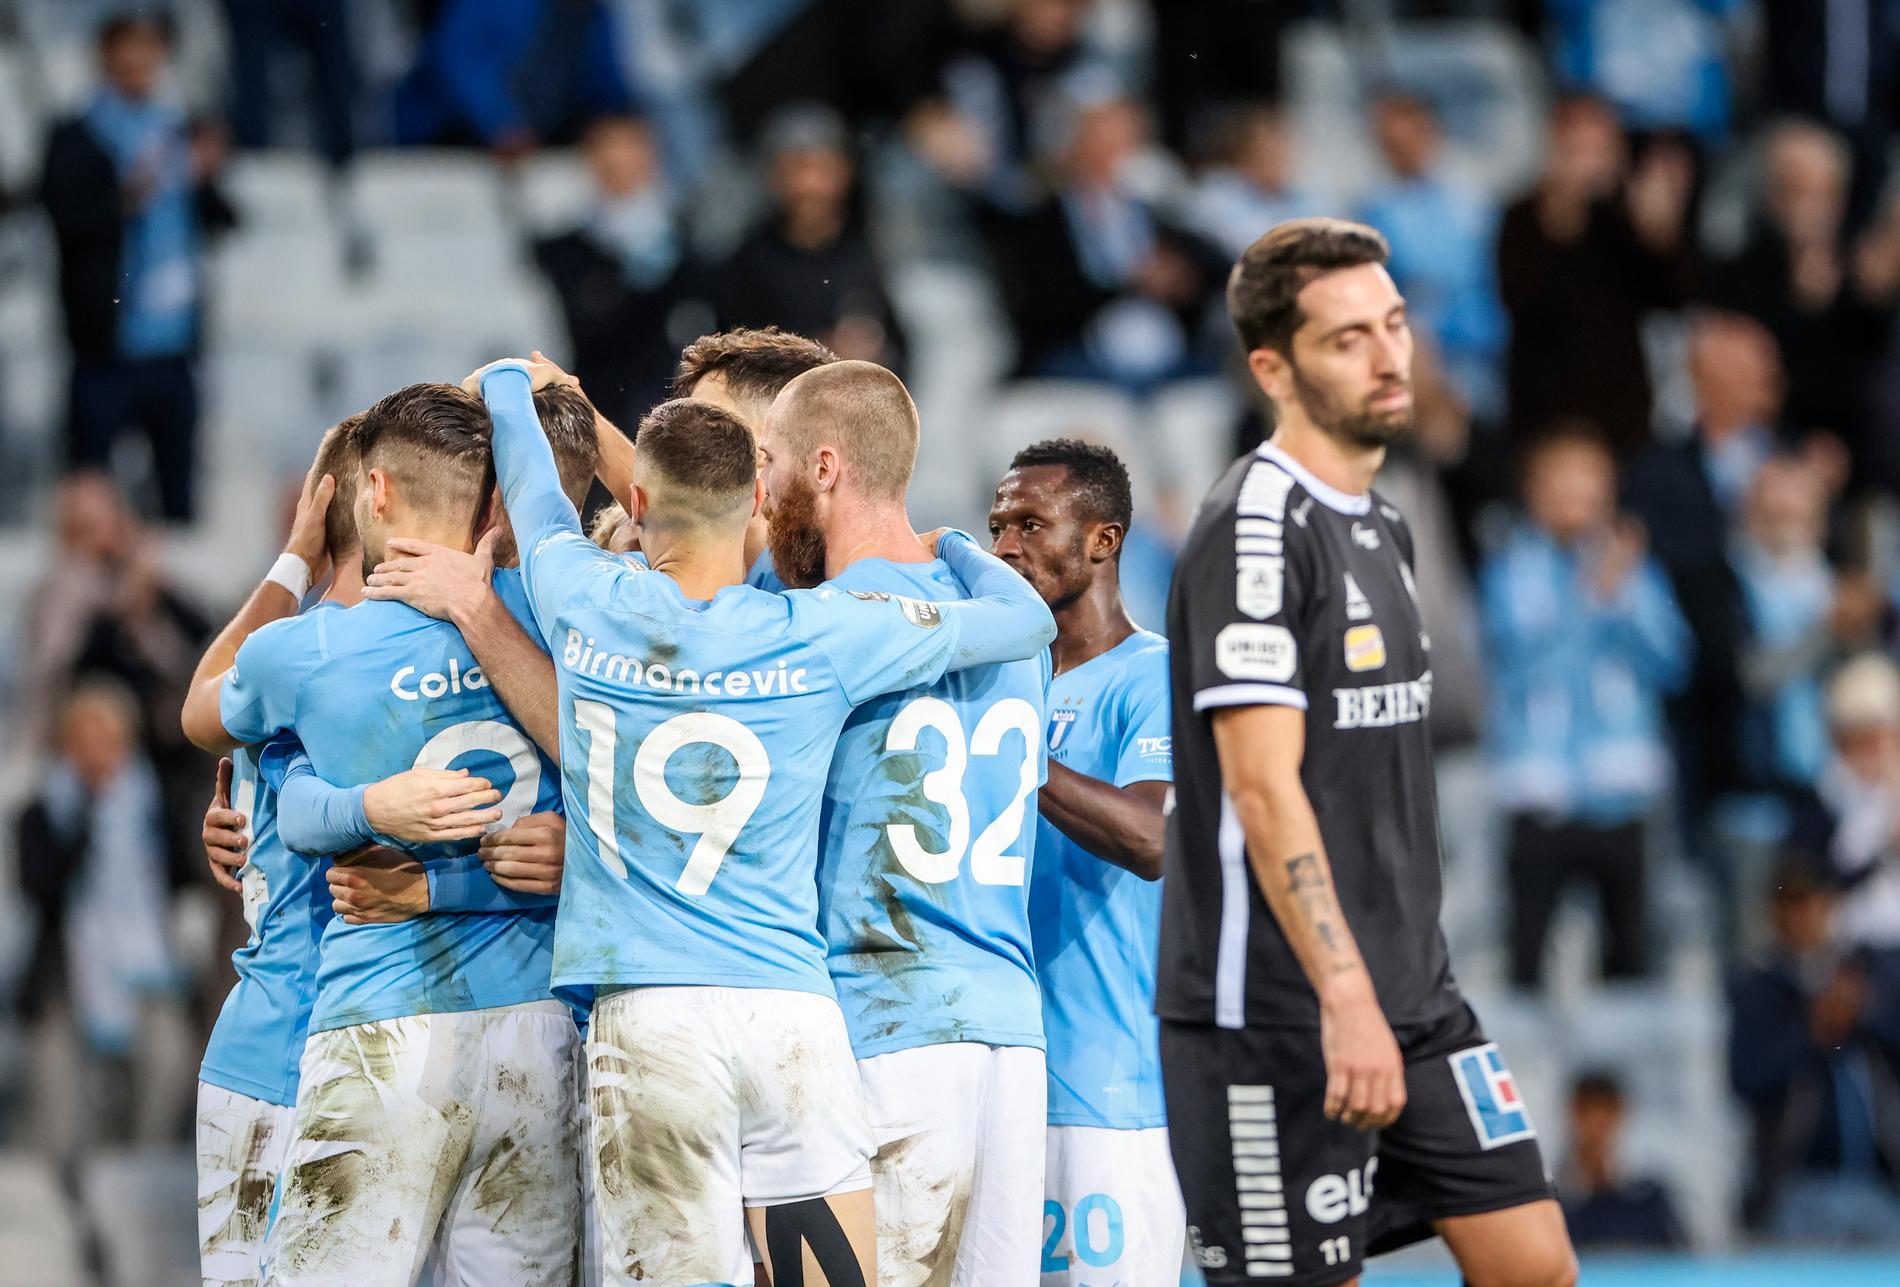 Malmö tog viktiga poäng mot Örebro.